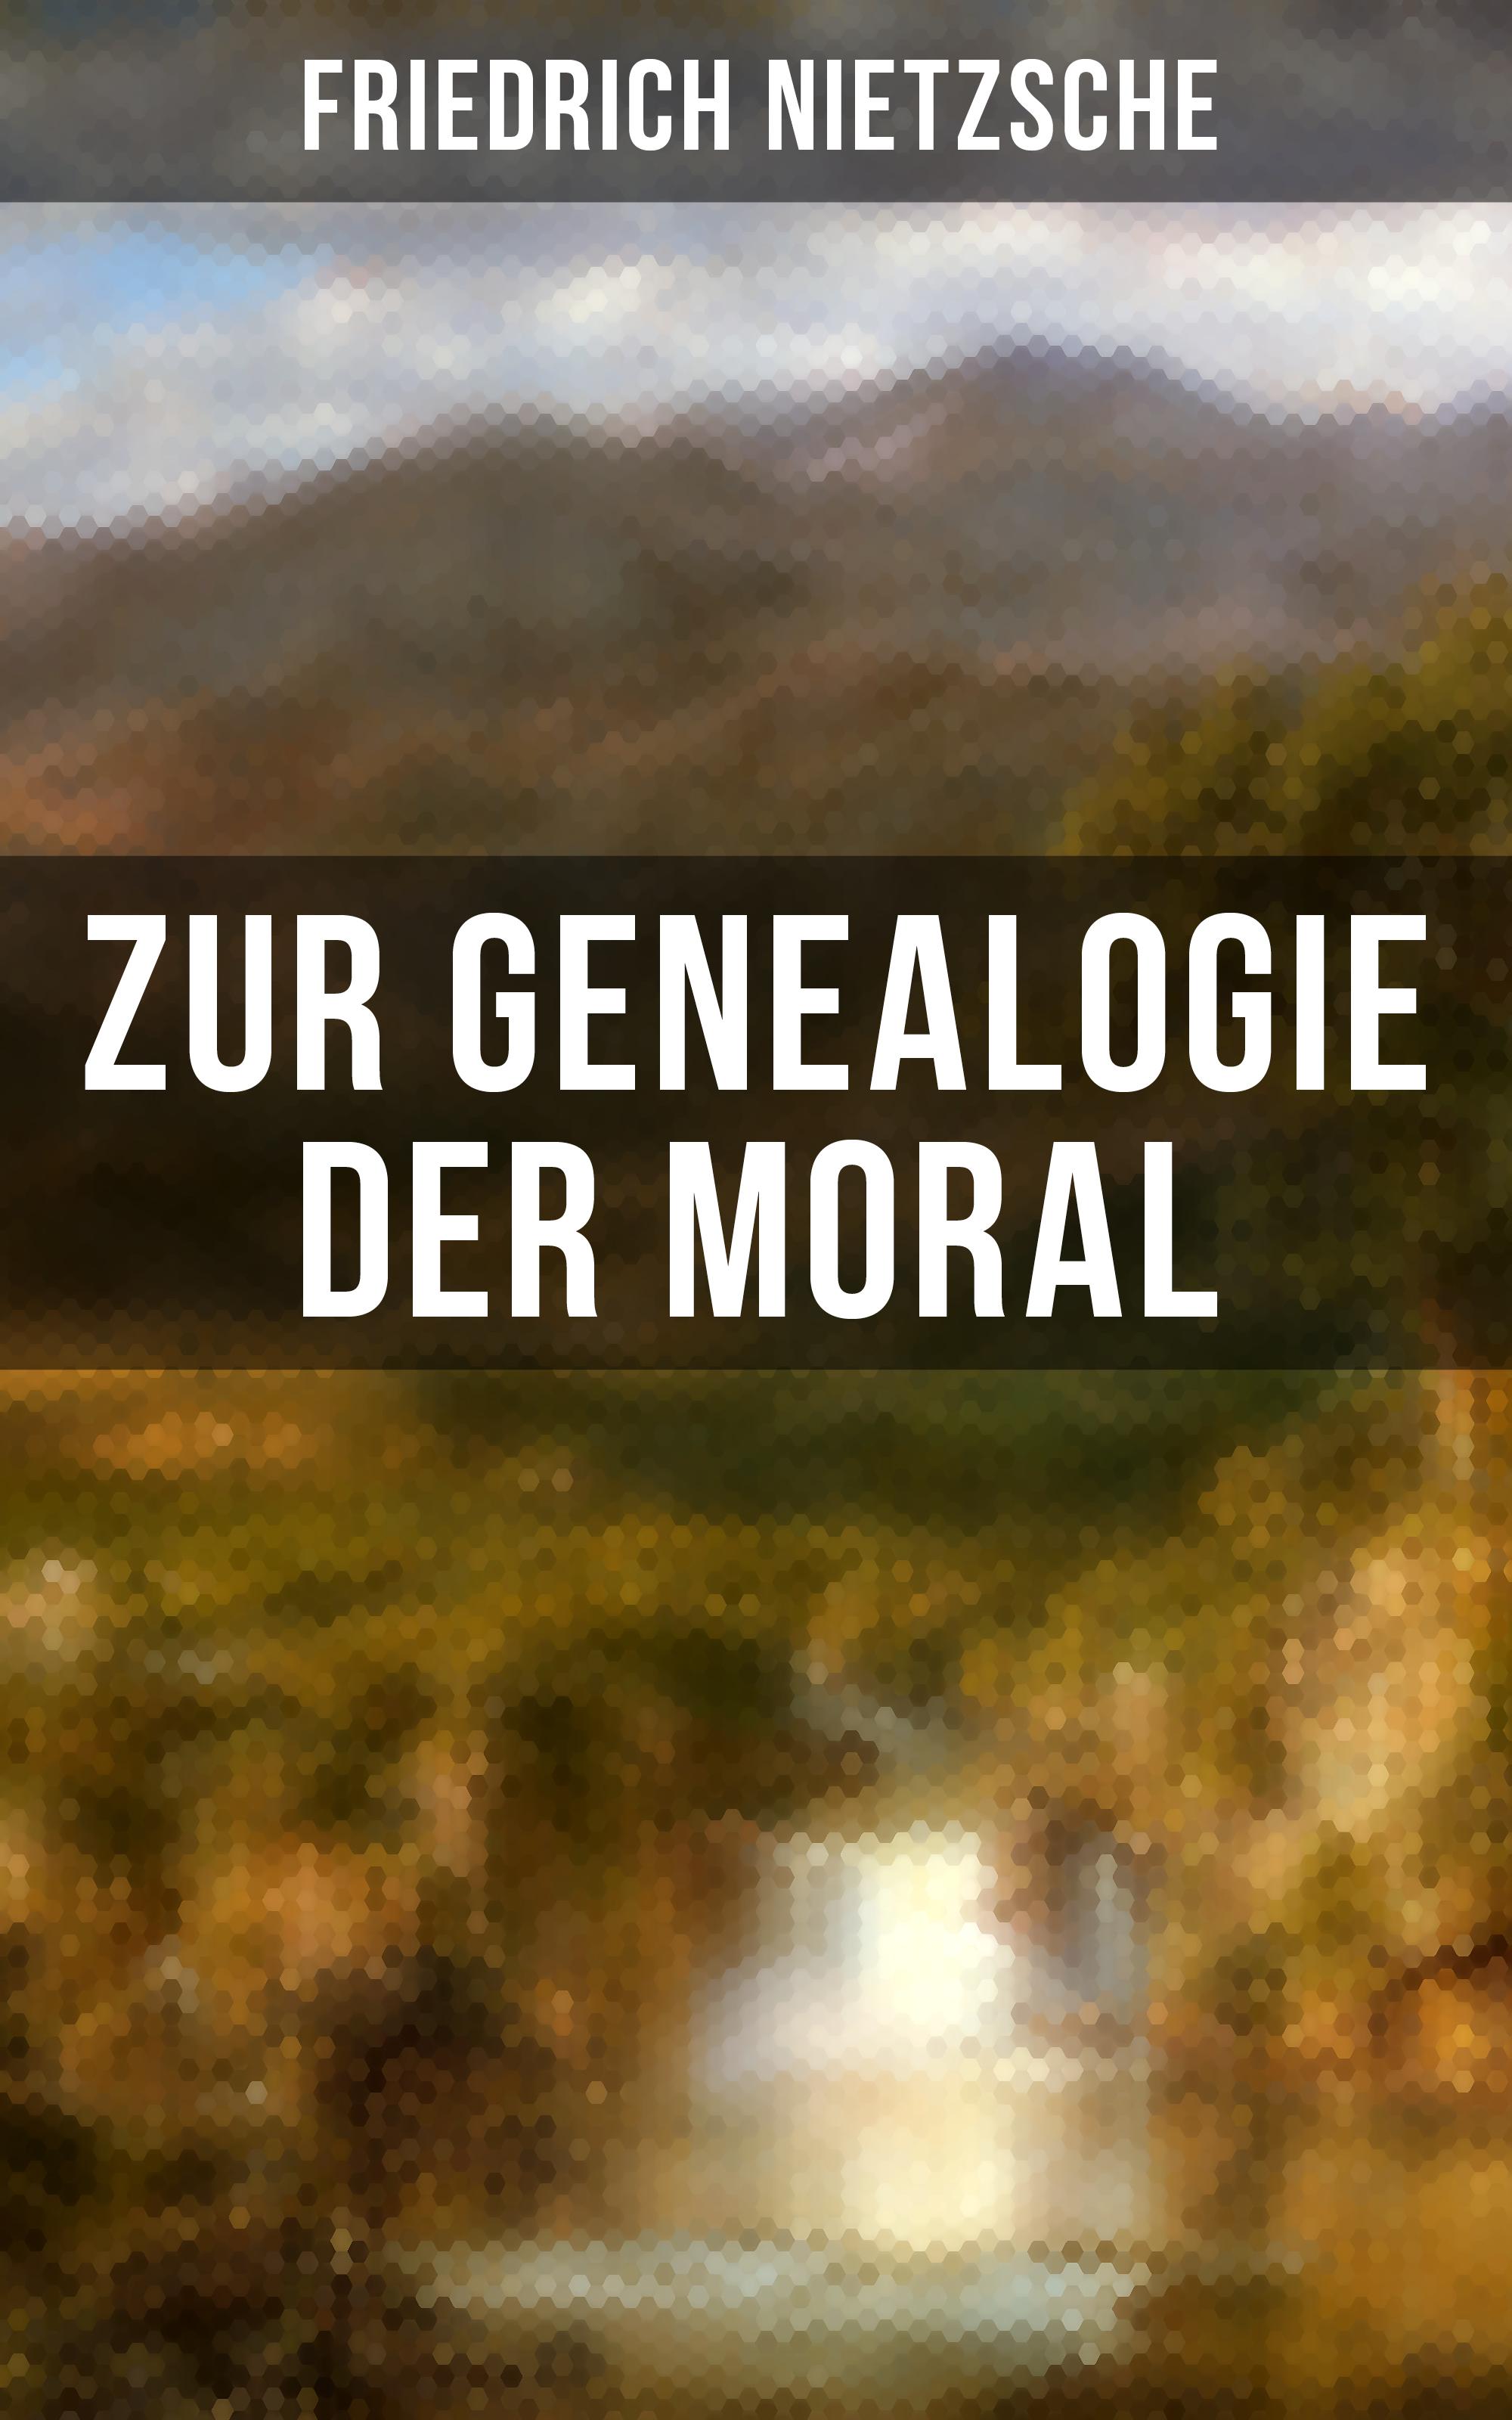 Friedrich Nietzsche Friedrich Nietzsche: Zur Genealogie der Moral